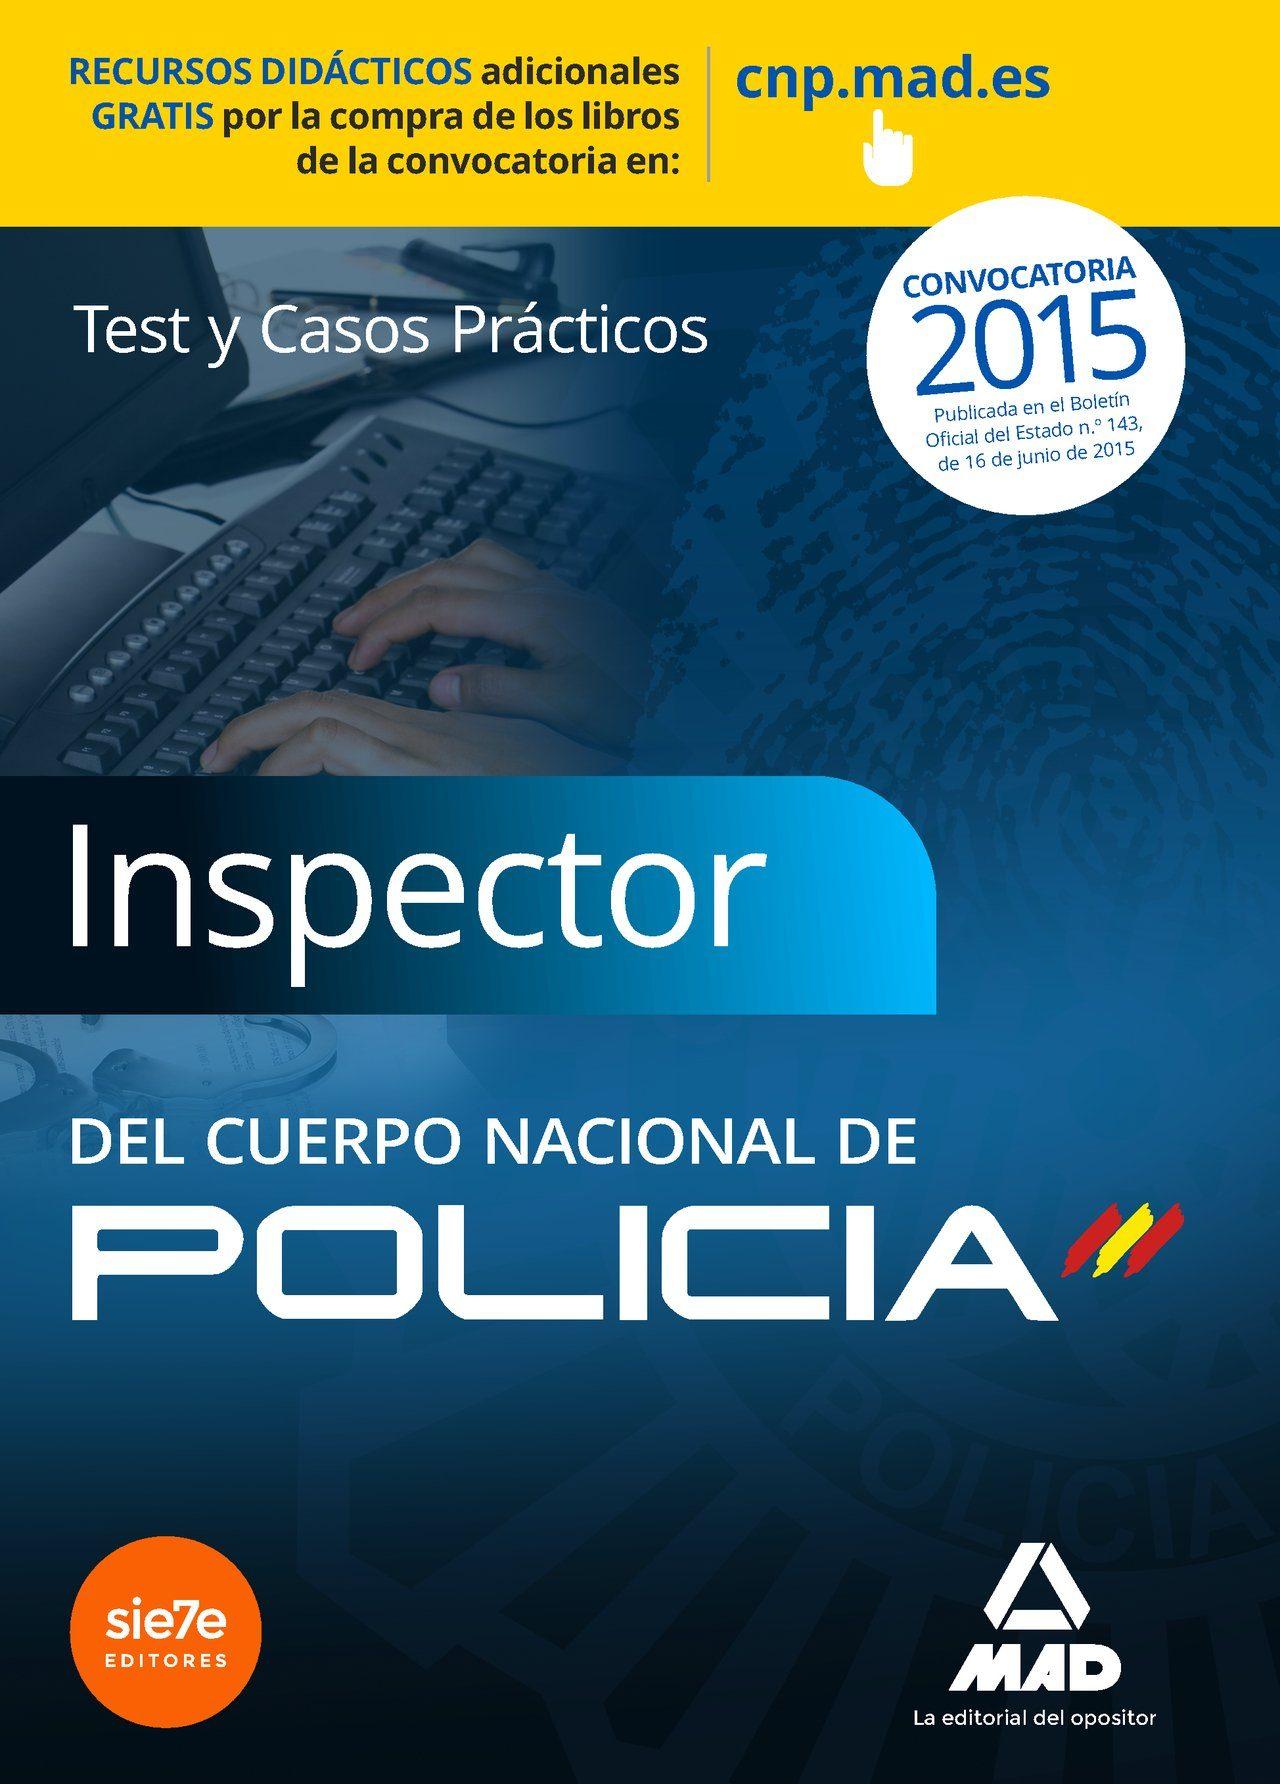 Inspectores del Cuerpo Nacional de Policía. Test y casos prácticos